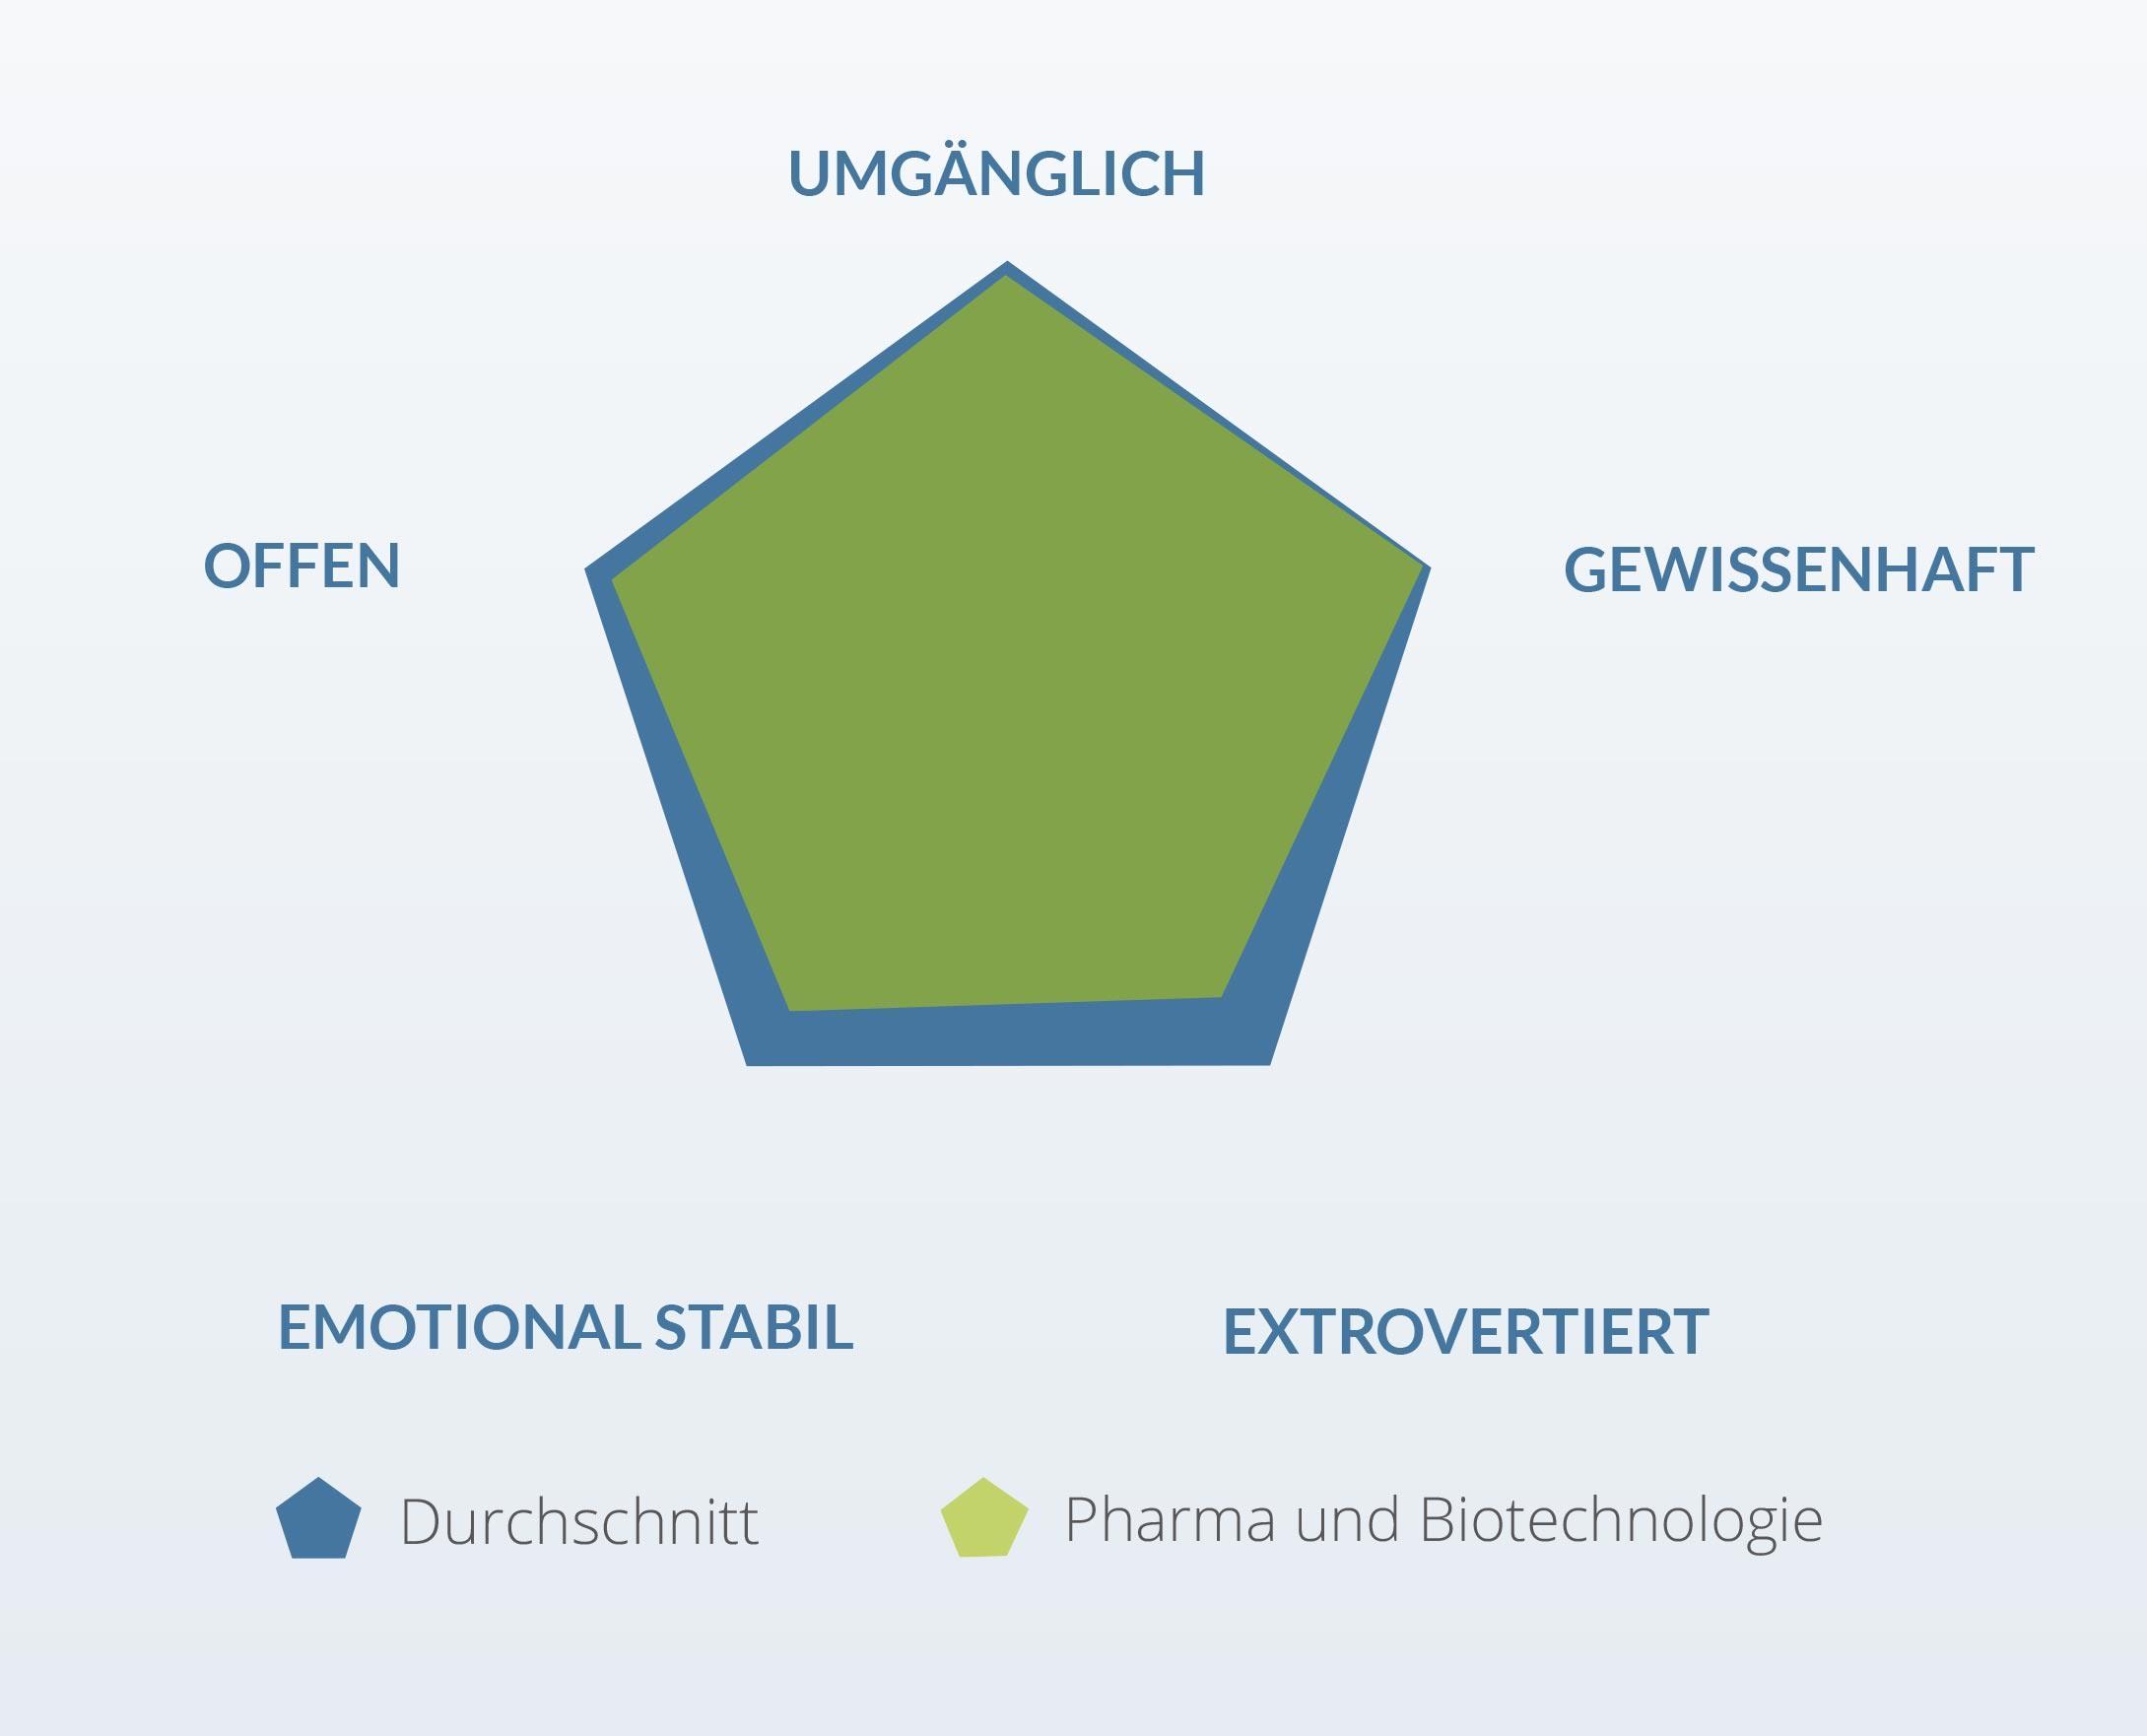 Persönlichkeitsmerkmale Pharmabranche